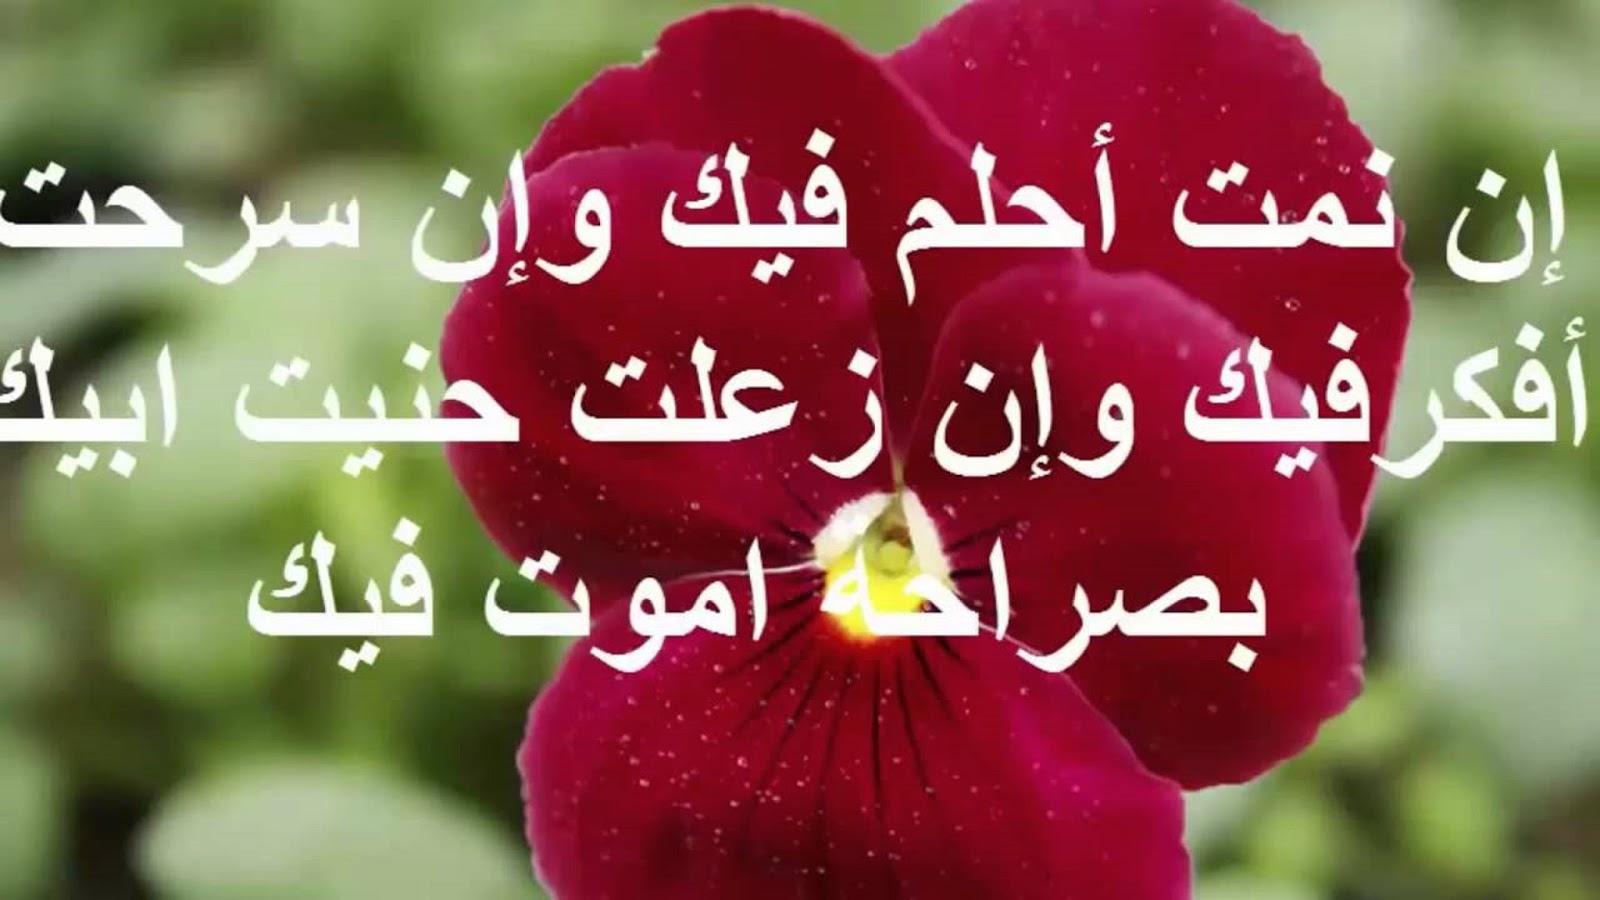 صورة صور رسائل حب , مين وين هالكلام الحلو مره 1276